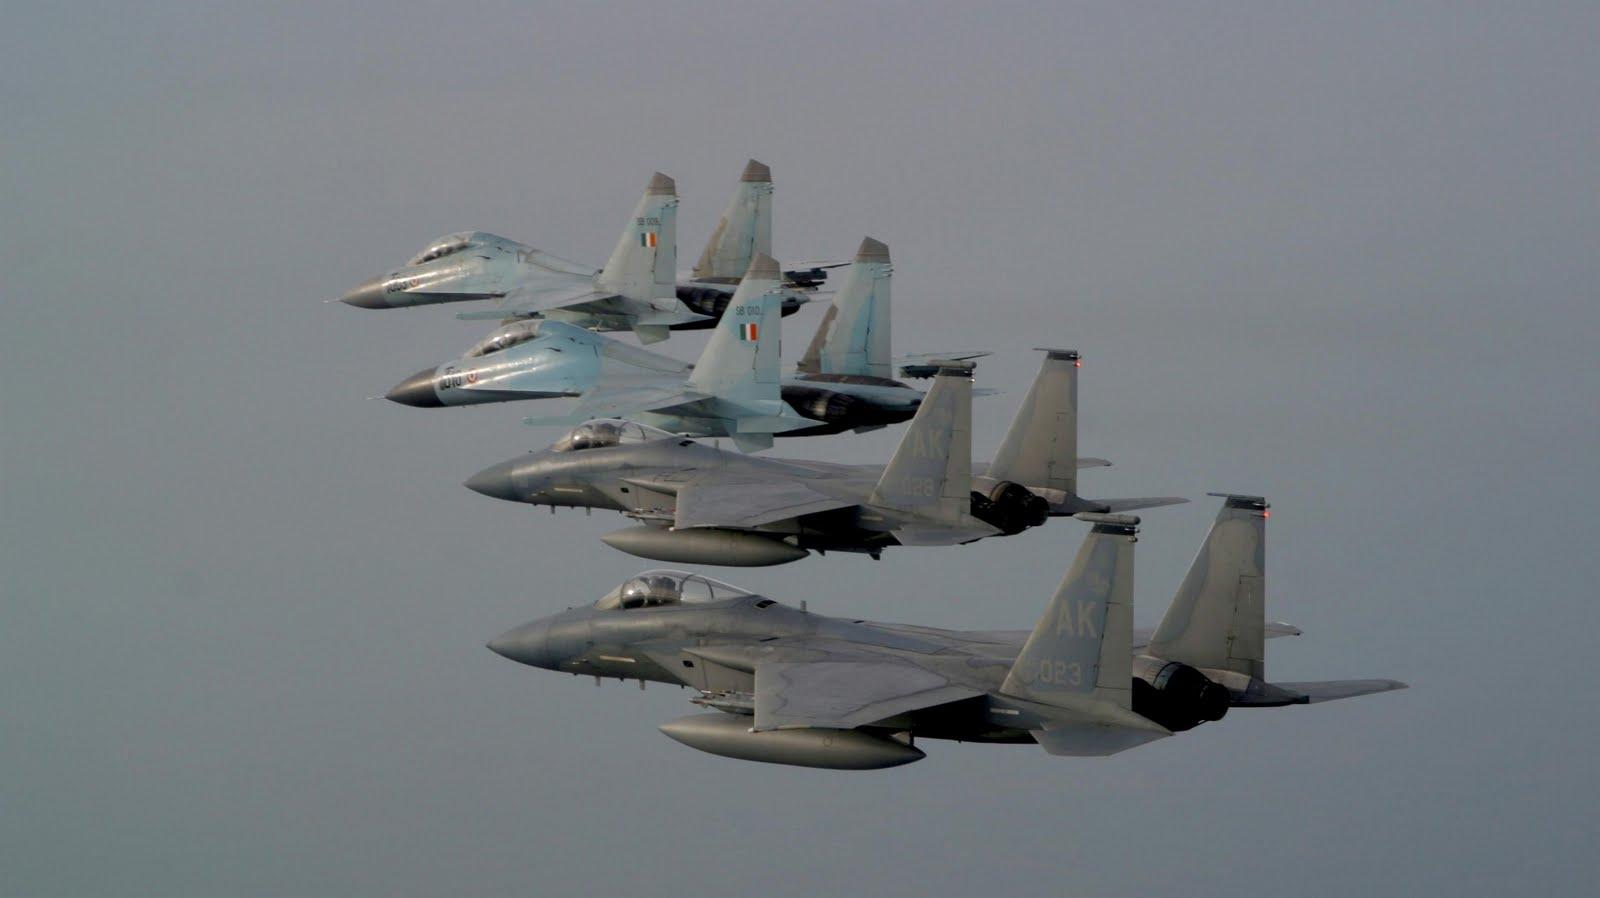 Acima: Uma rara foto com dois F-15C voando em formação com dois caças Su-30 Flanker indianos.